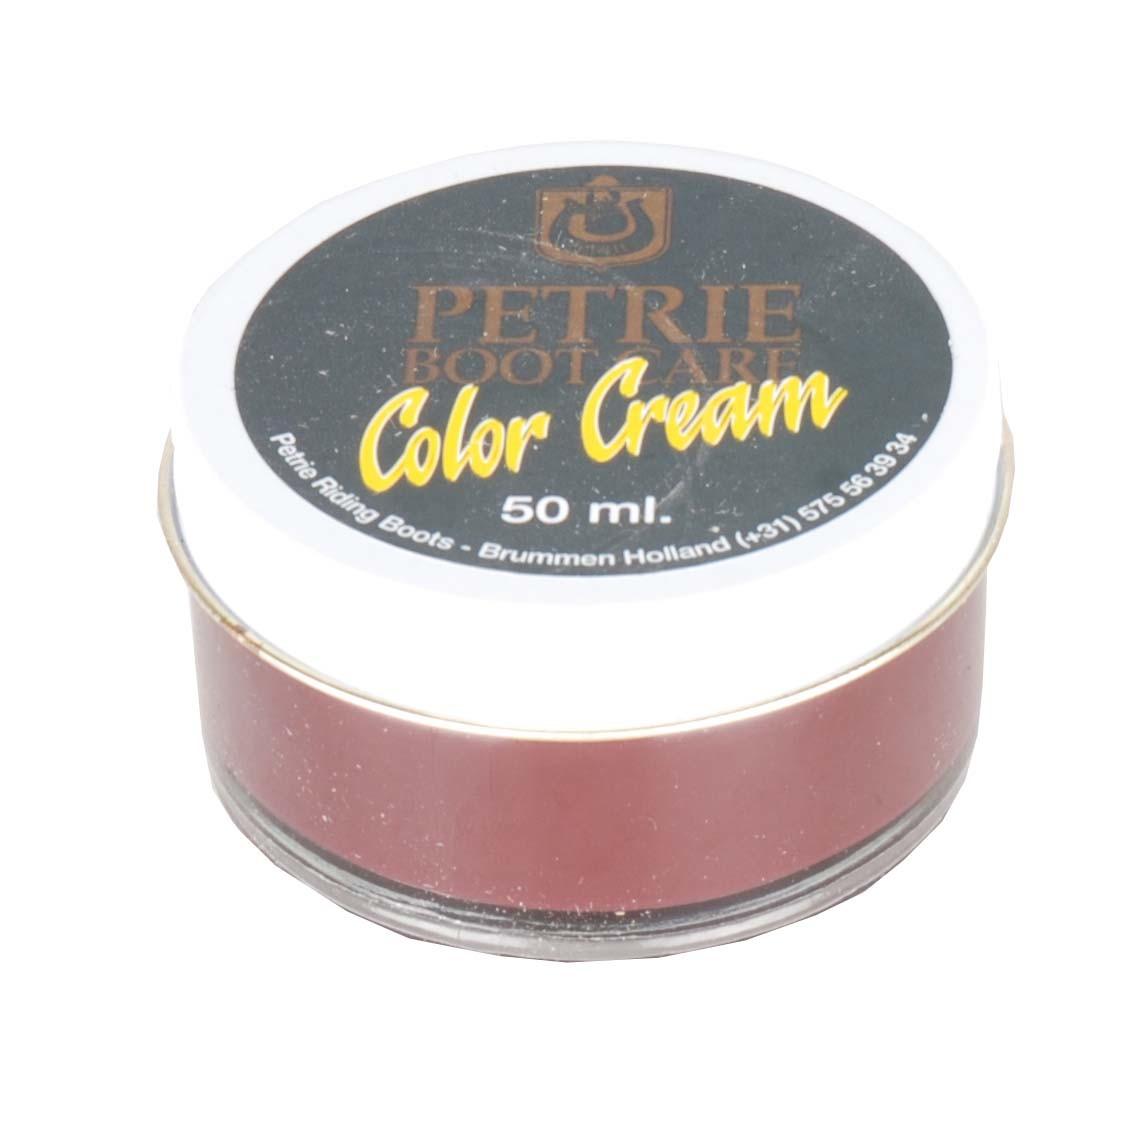 Petrie Color Cream bordeaux